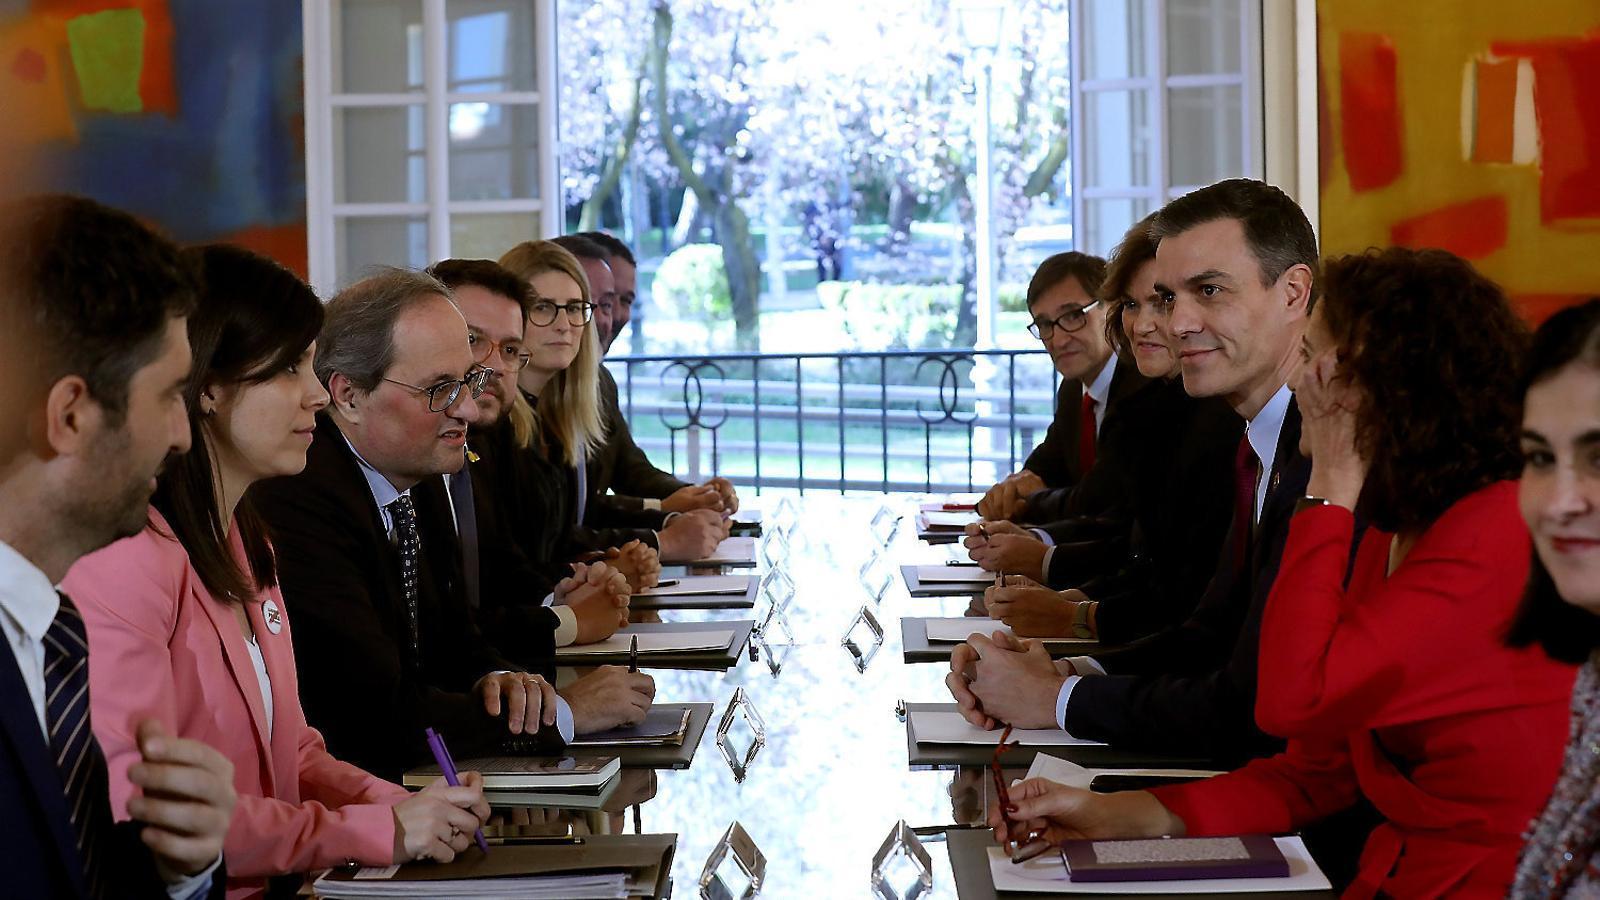 Imatge de la primera reunió de la taula de diàleg entre el govern espanyol i els partits independentistes celebrada el 26 de febrer a la Moncloa.